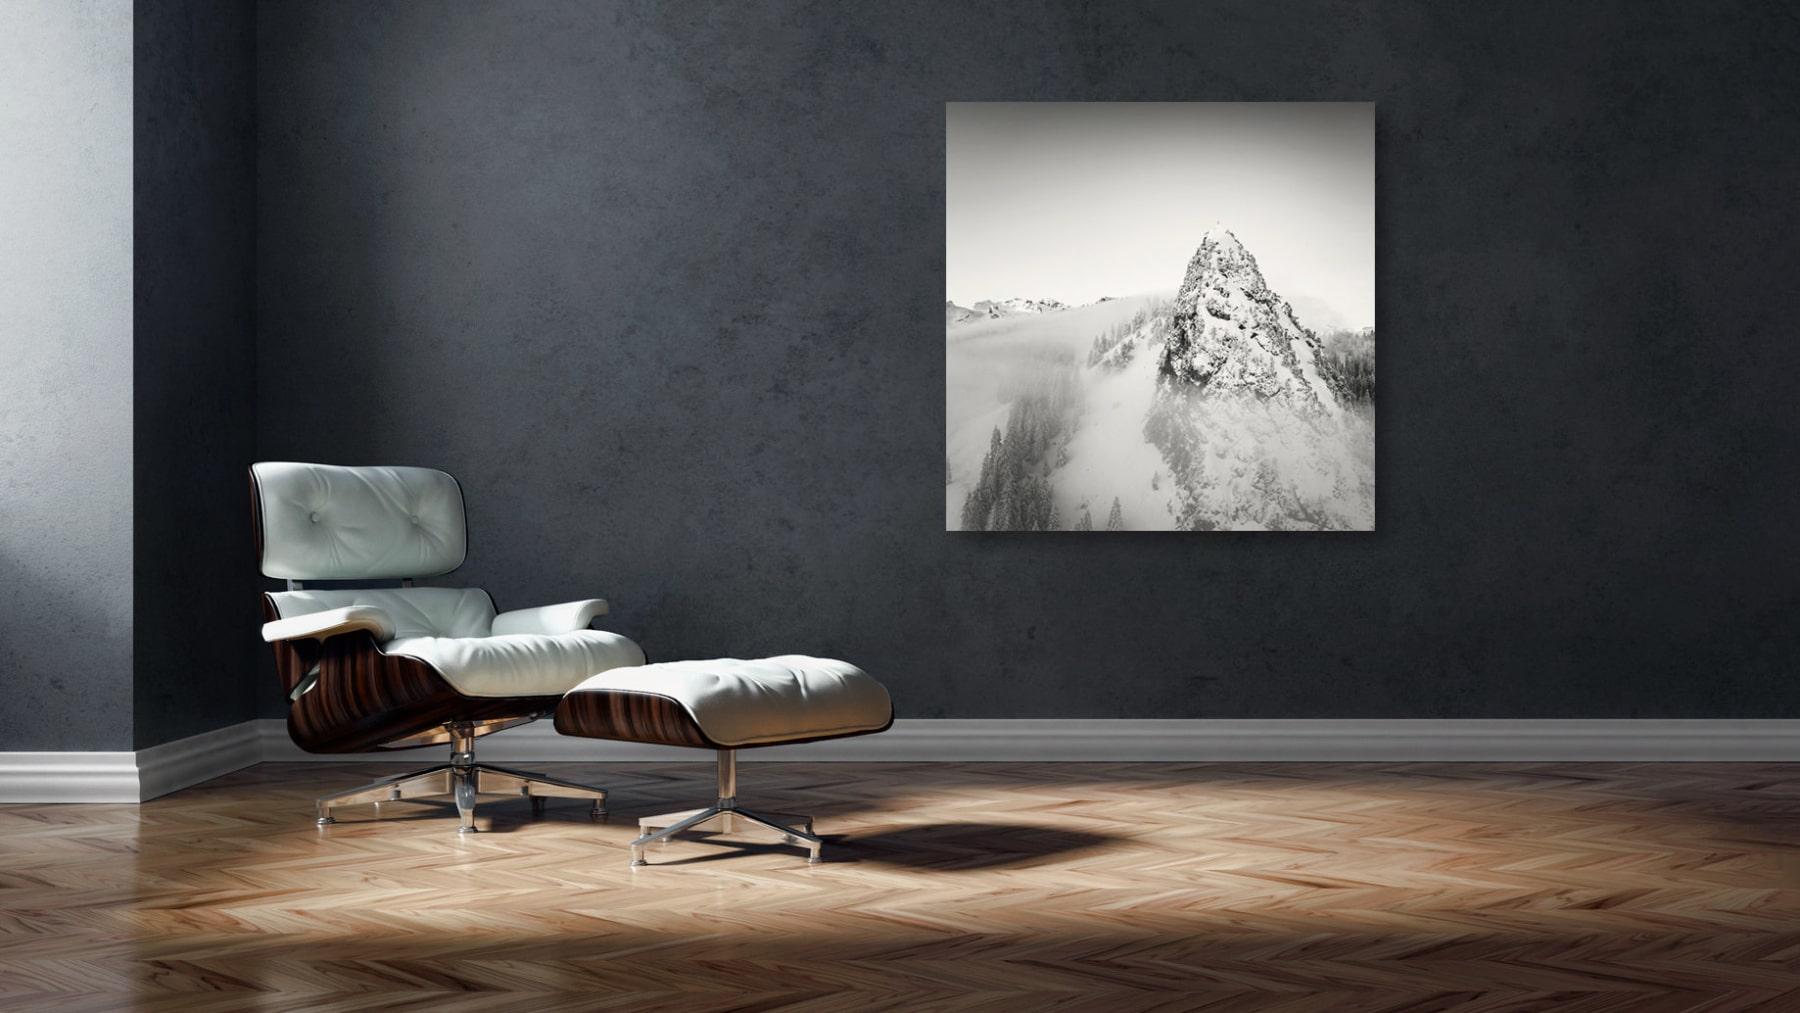 Luftaufnahme Chli Schijen, Ibergeregg, Winter, Schnee, Nebel, Innterschwyz, Schwyz,